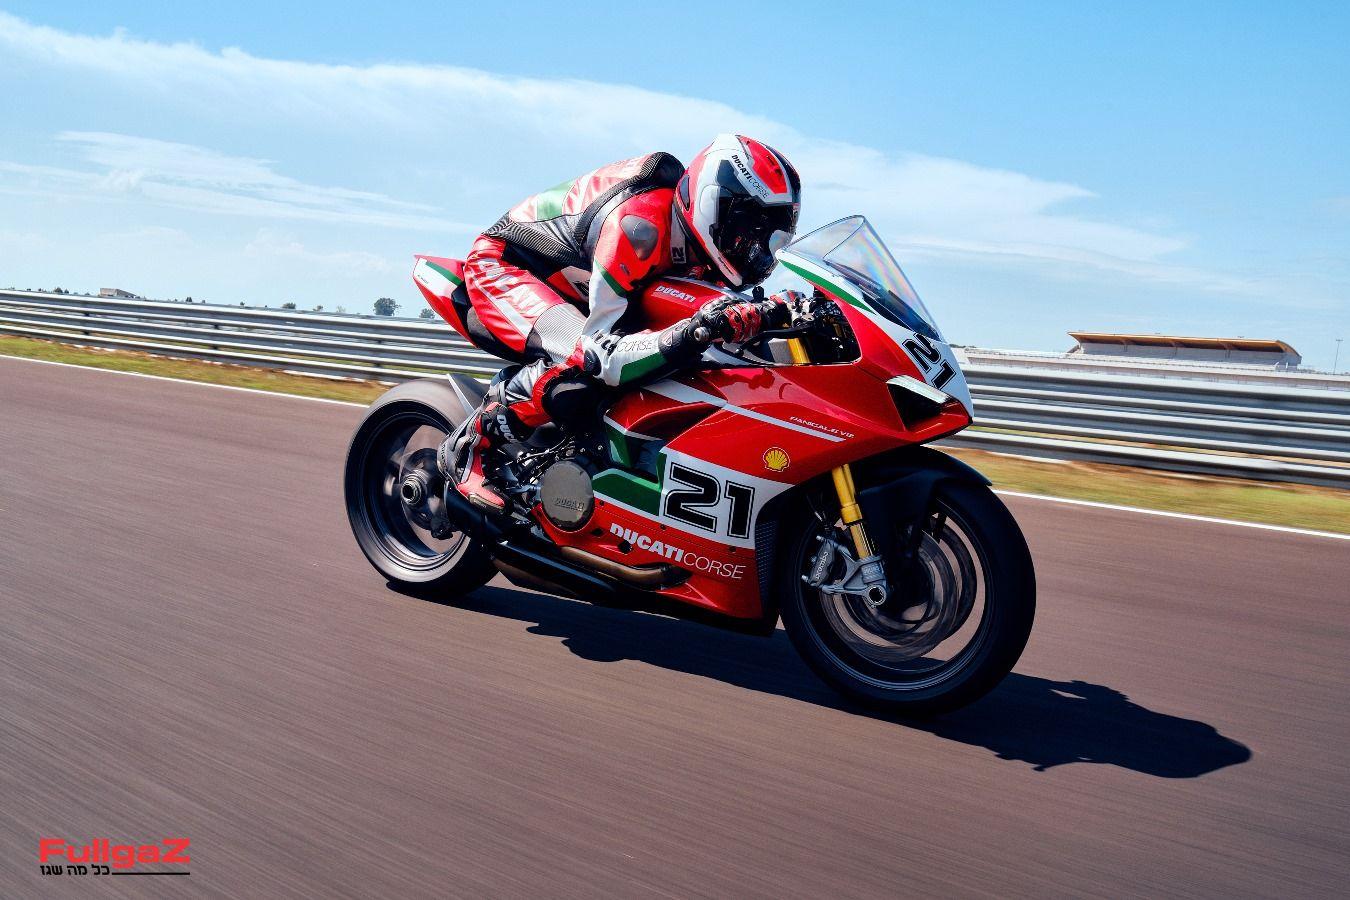 Ducati-Panigale-V2-Bayliss-016